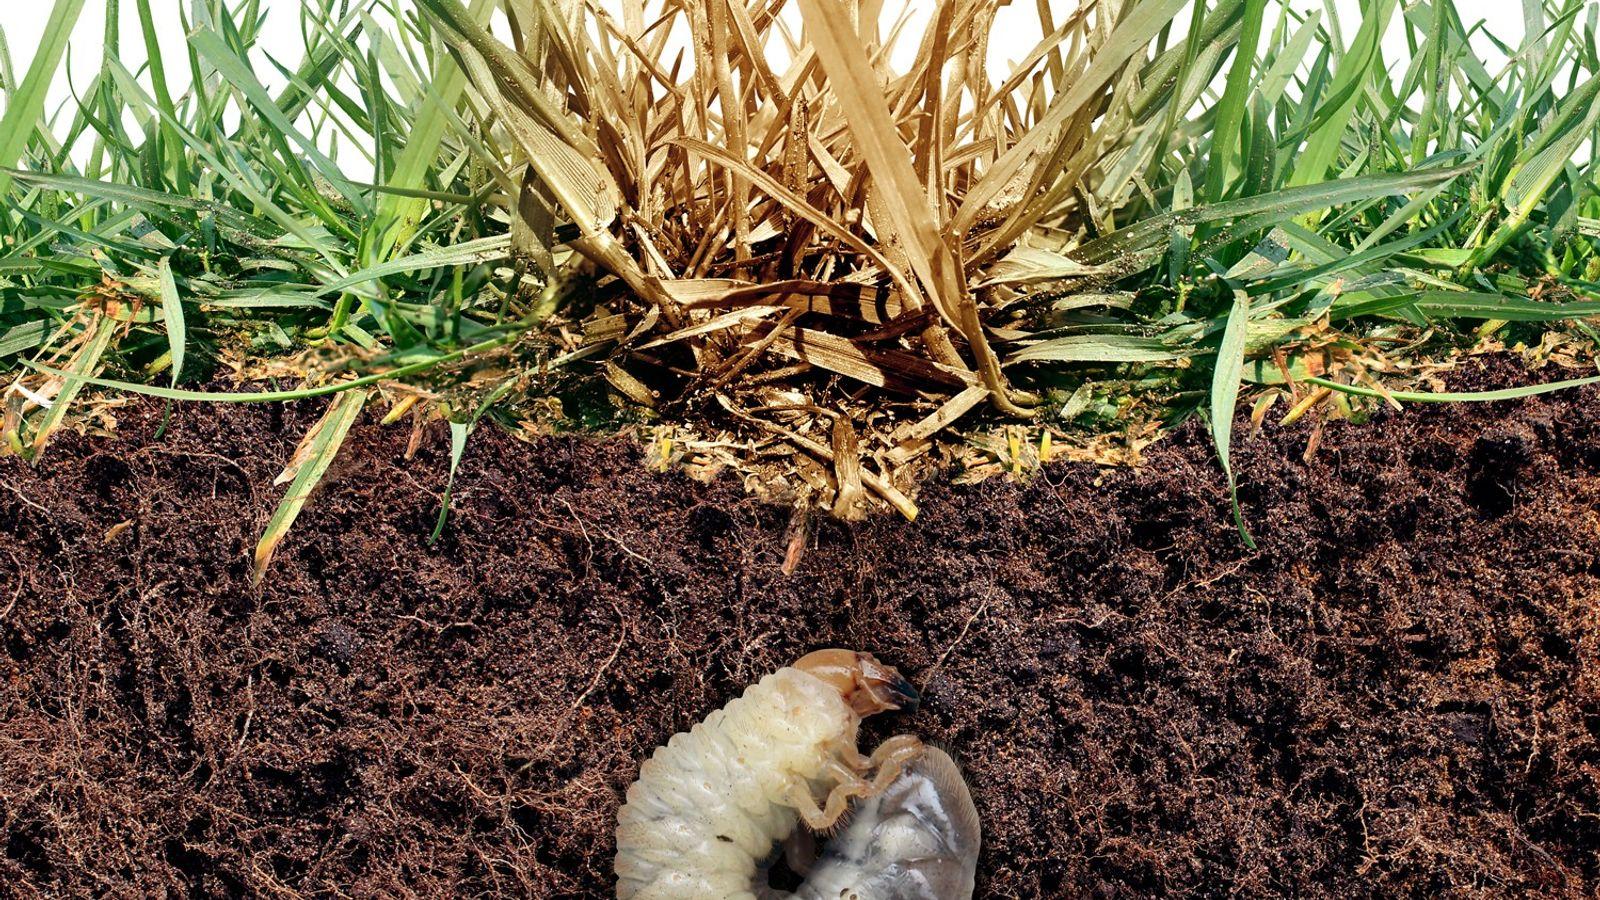 Maikäferlarve unter der Grasnarbe